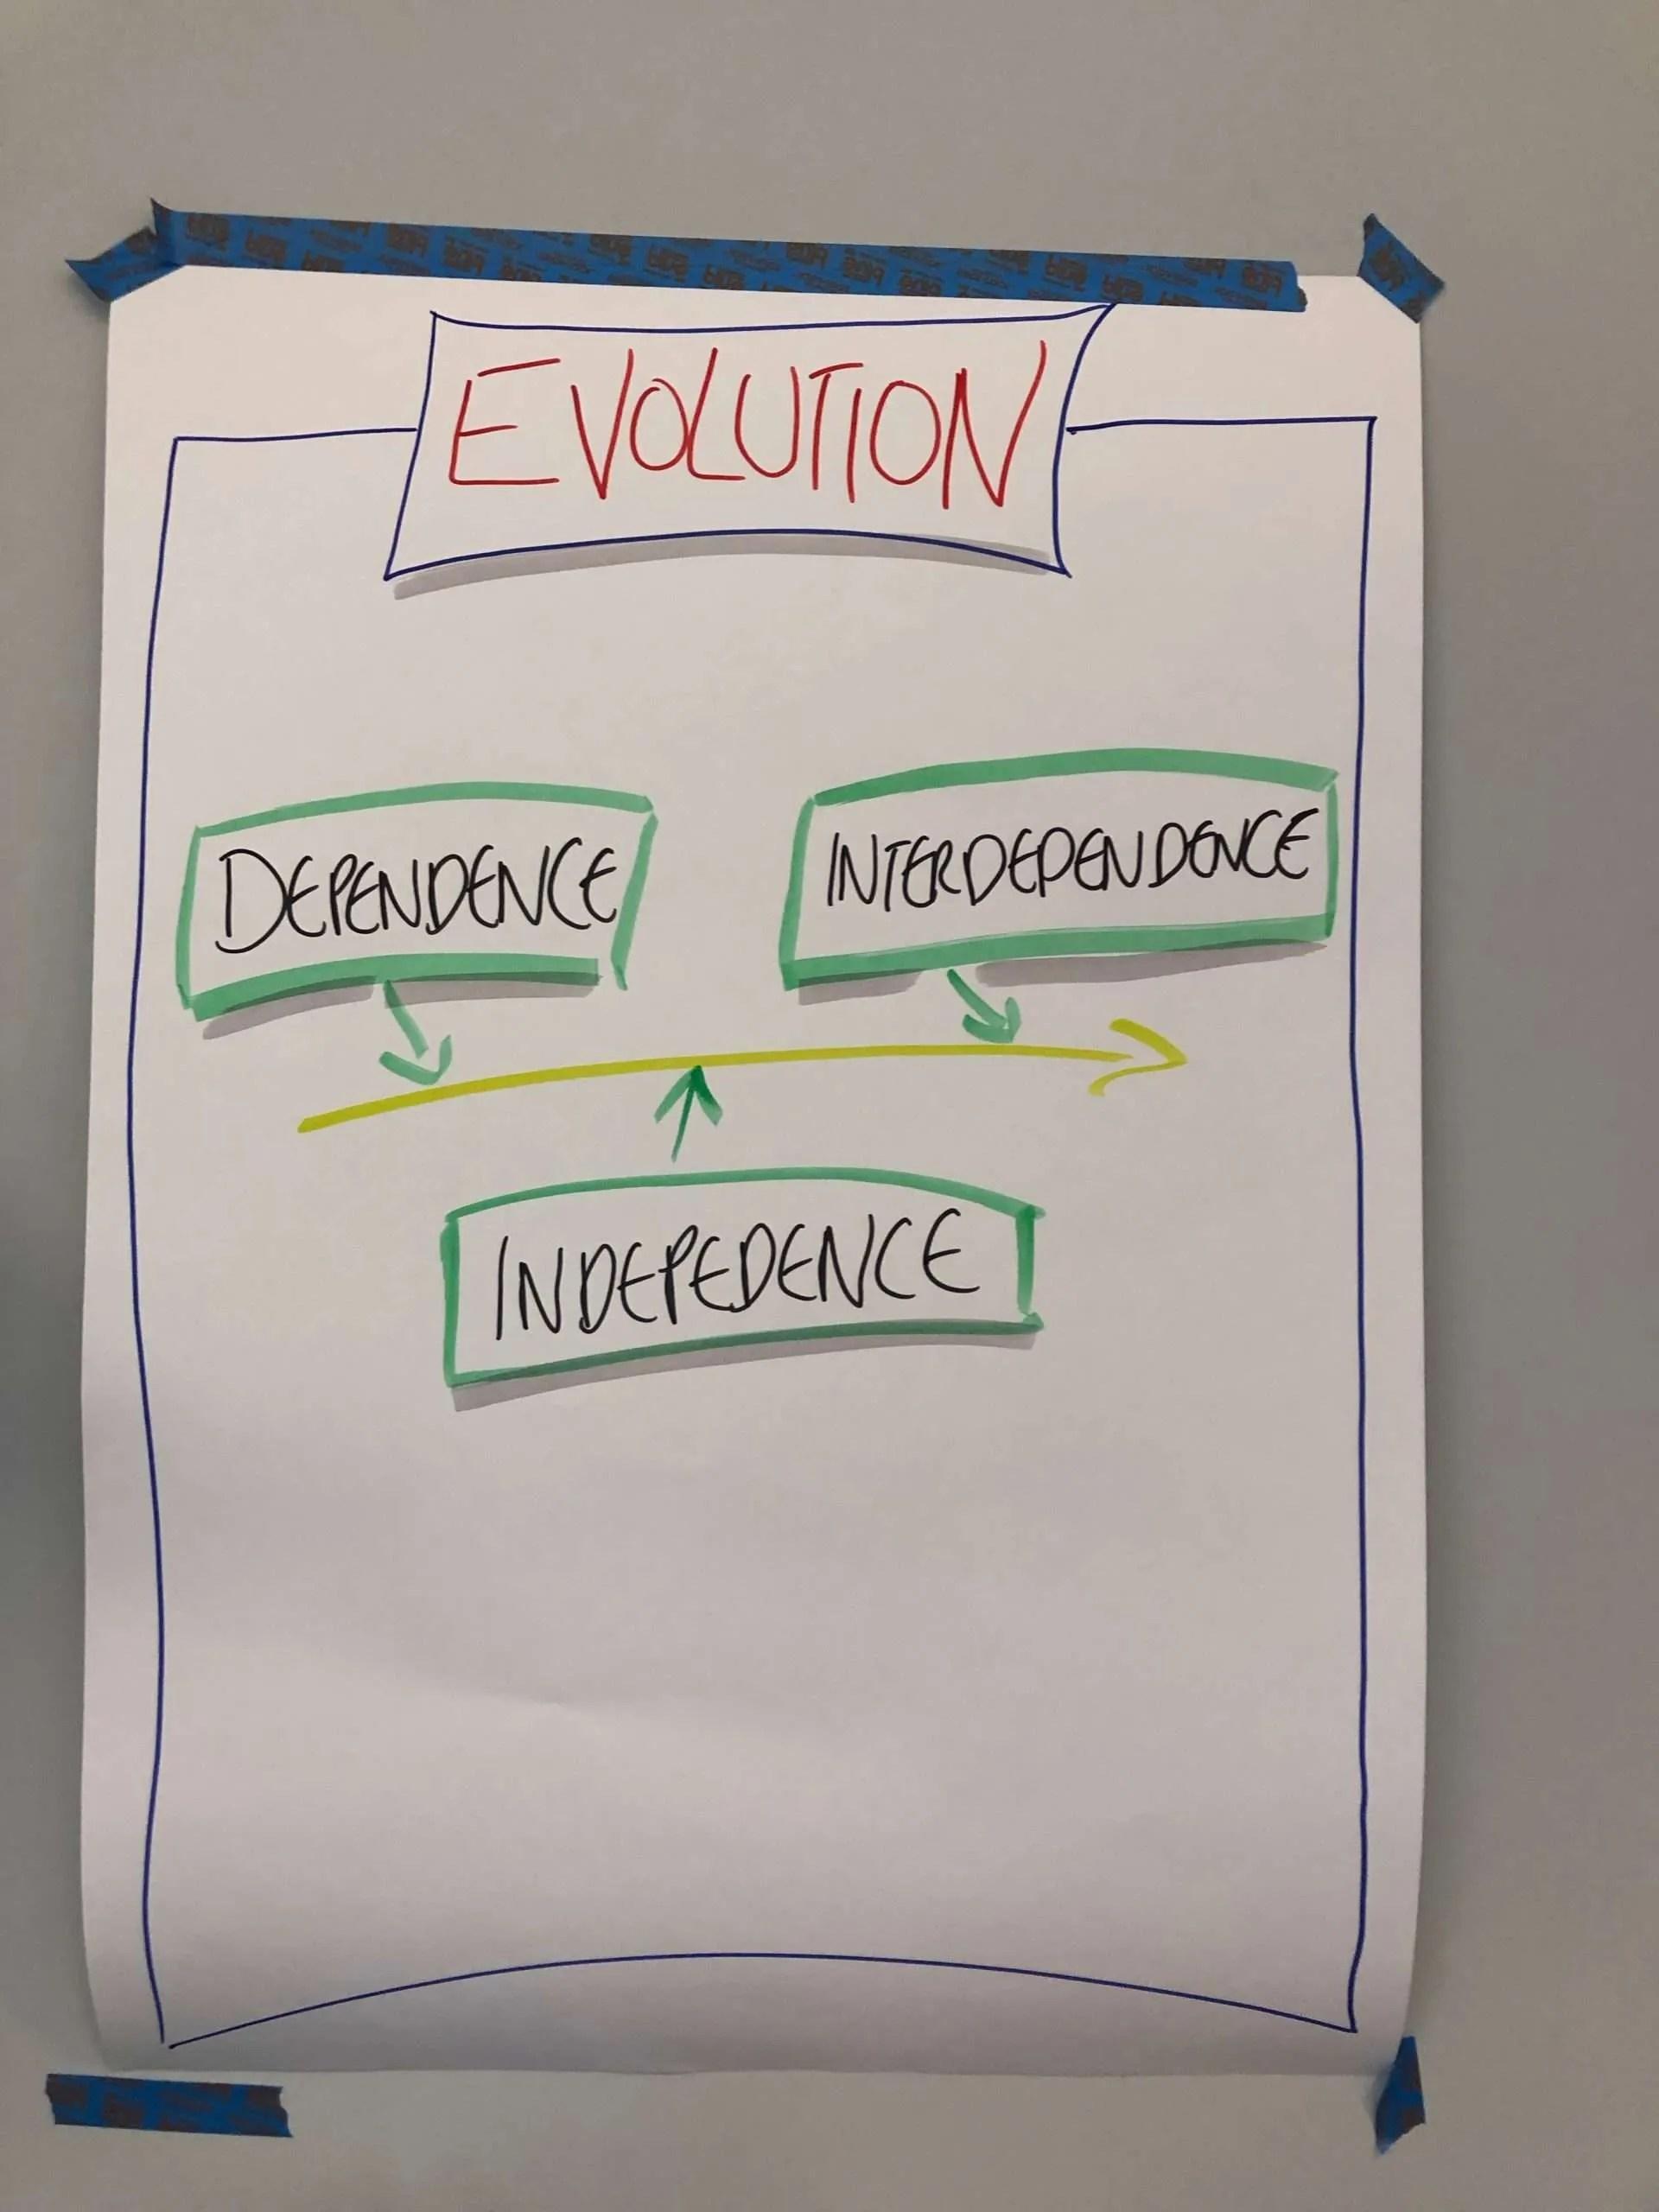 Society Consciousness Model